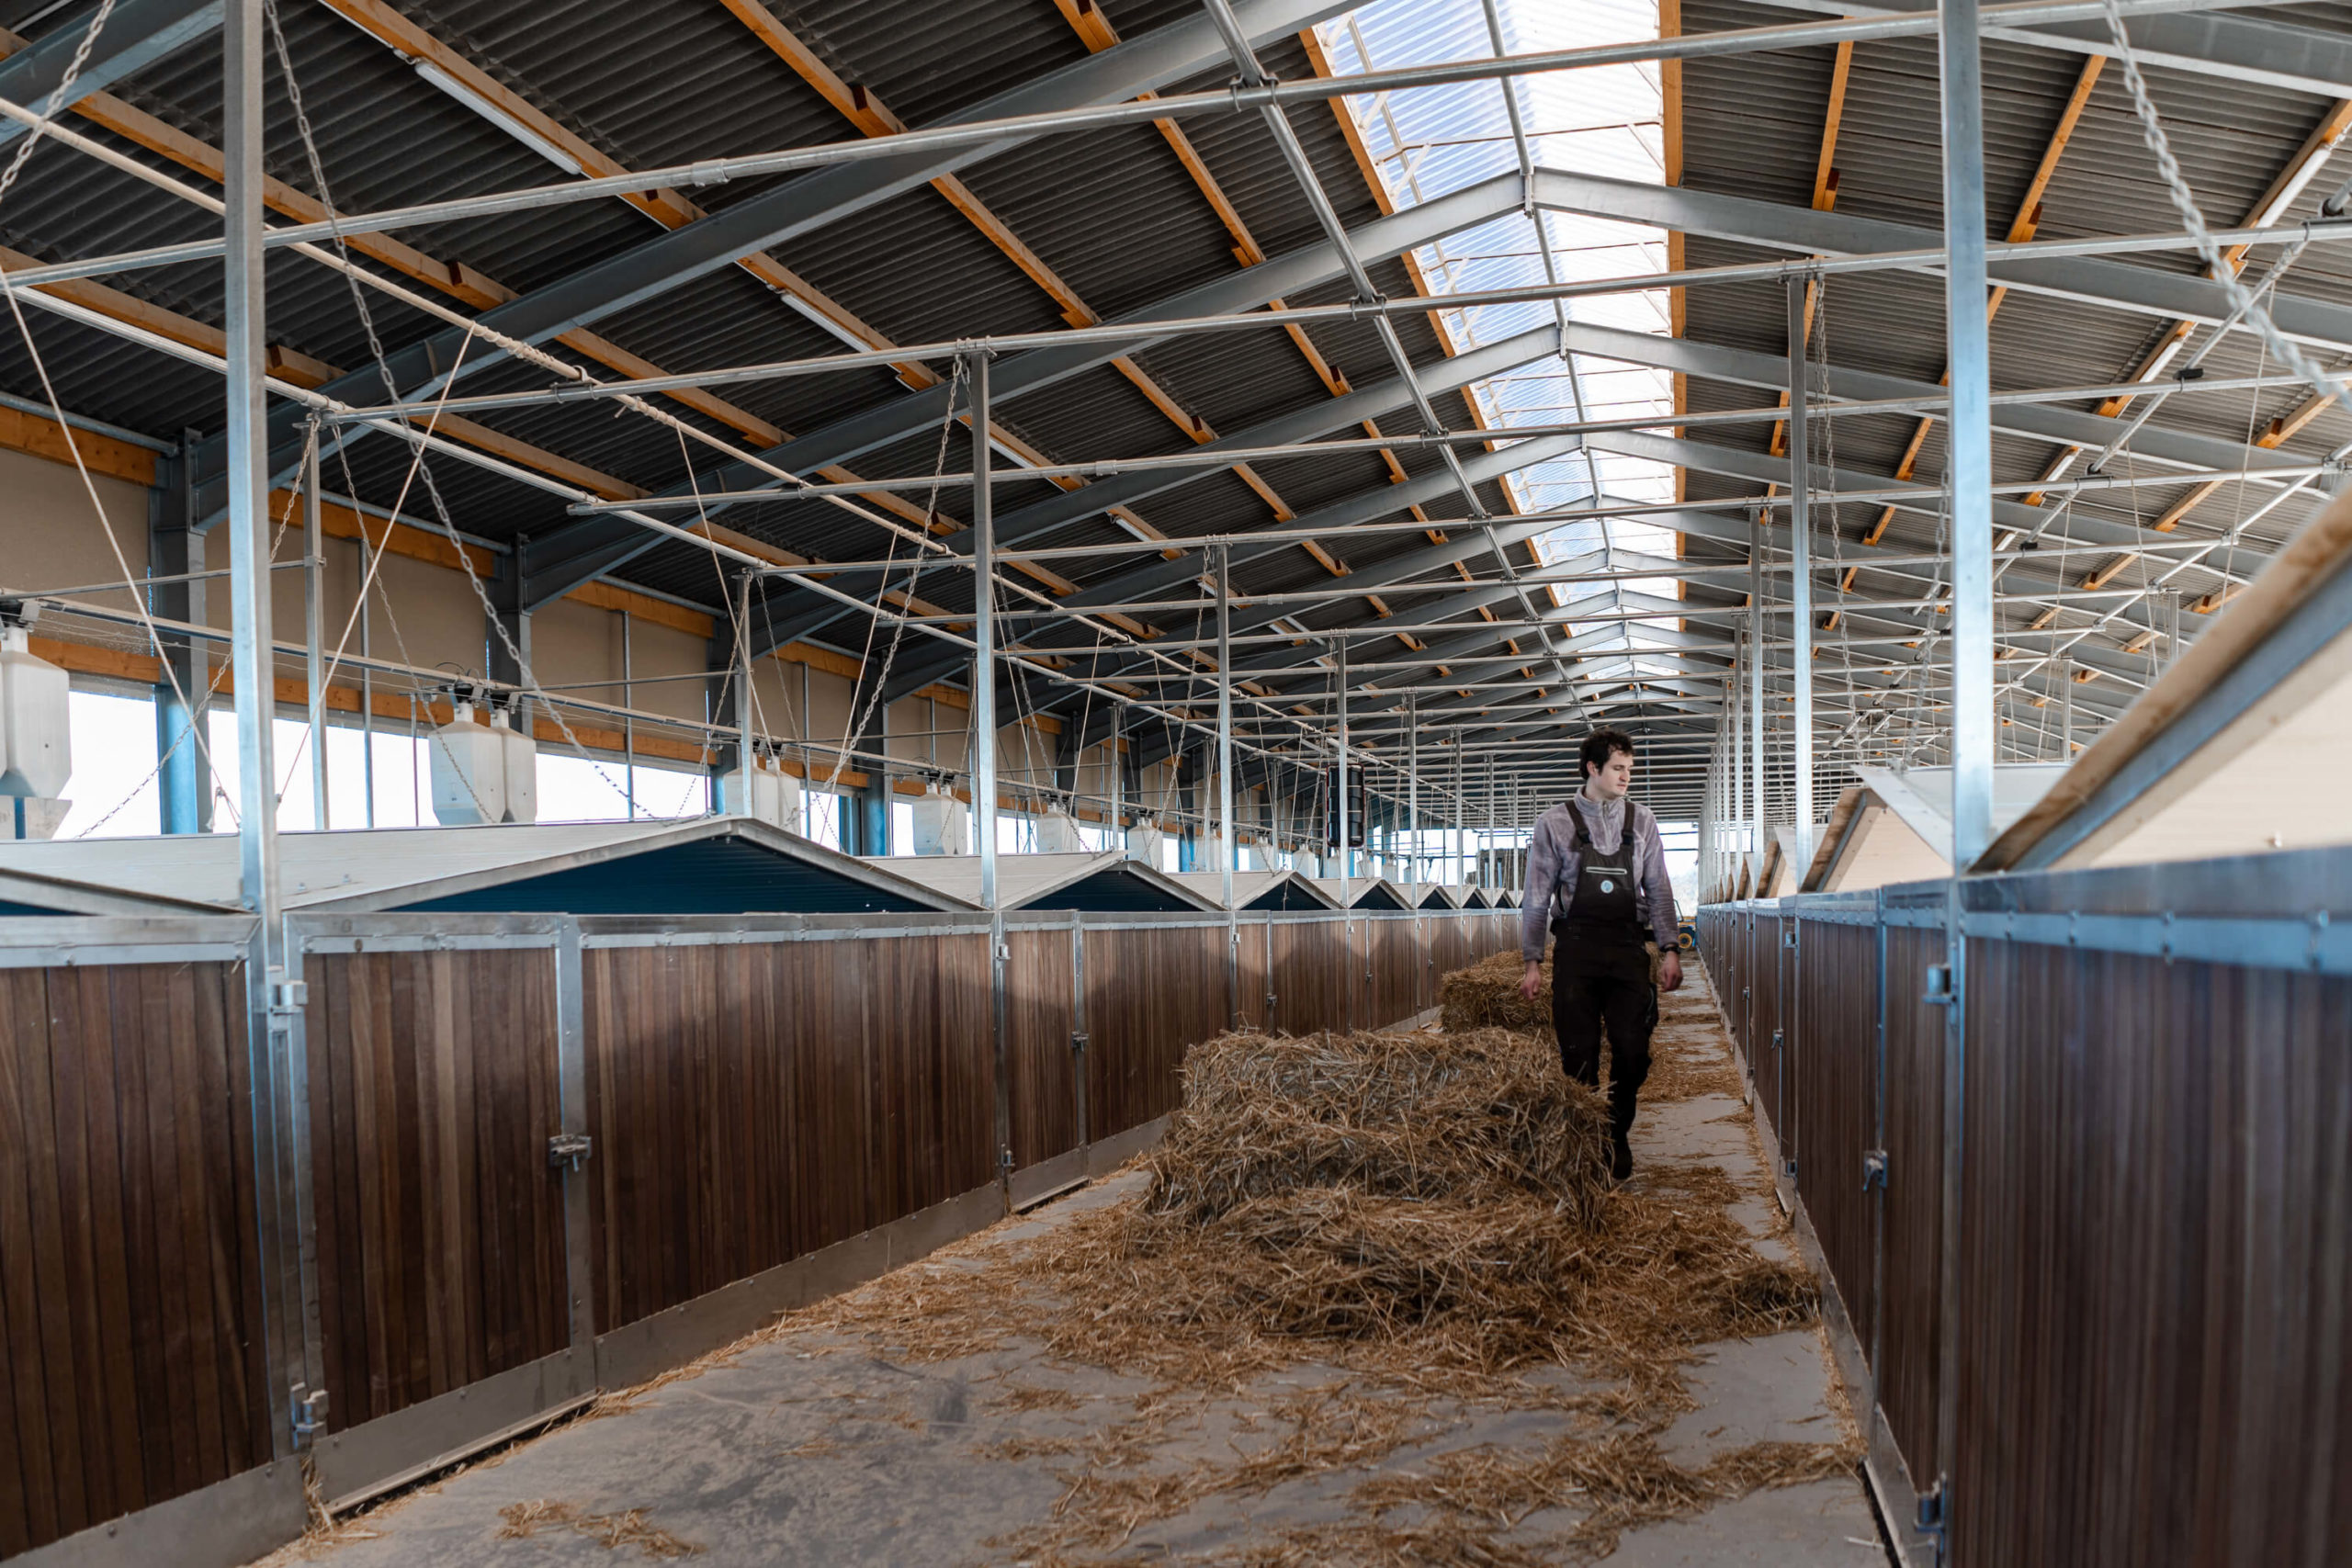 Hüttenhaltung von Schweinen | Niederrheiner Strohschwein